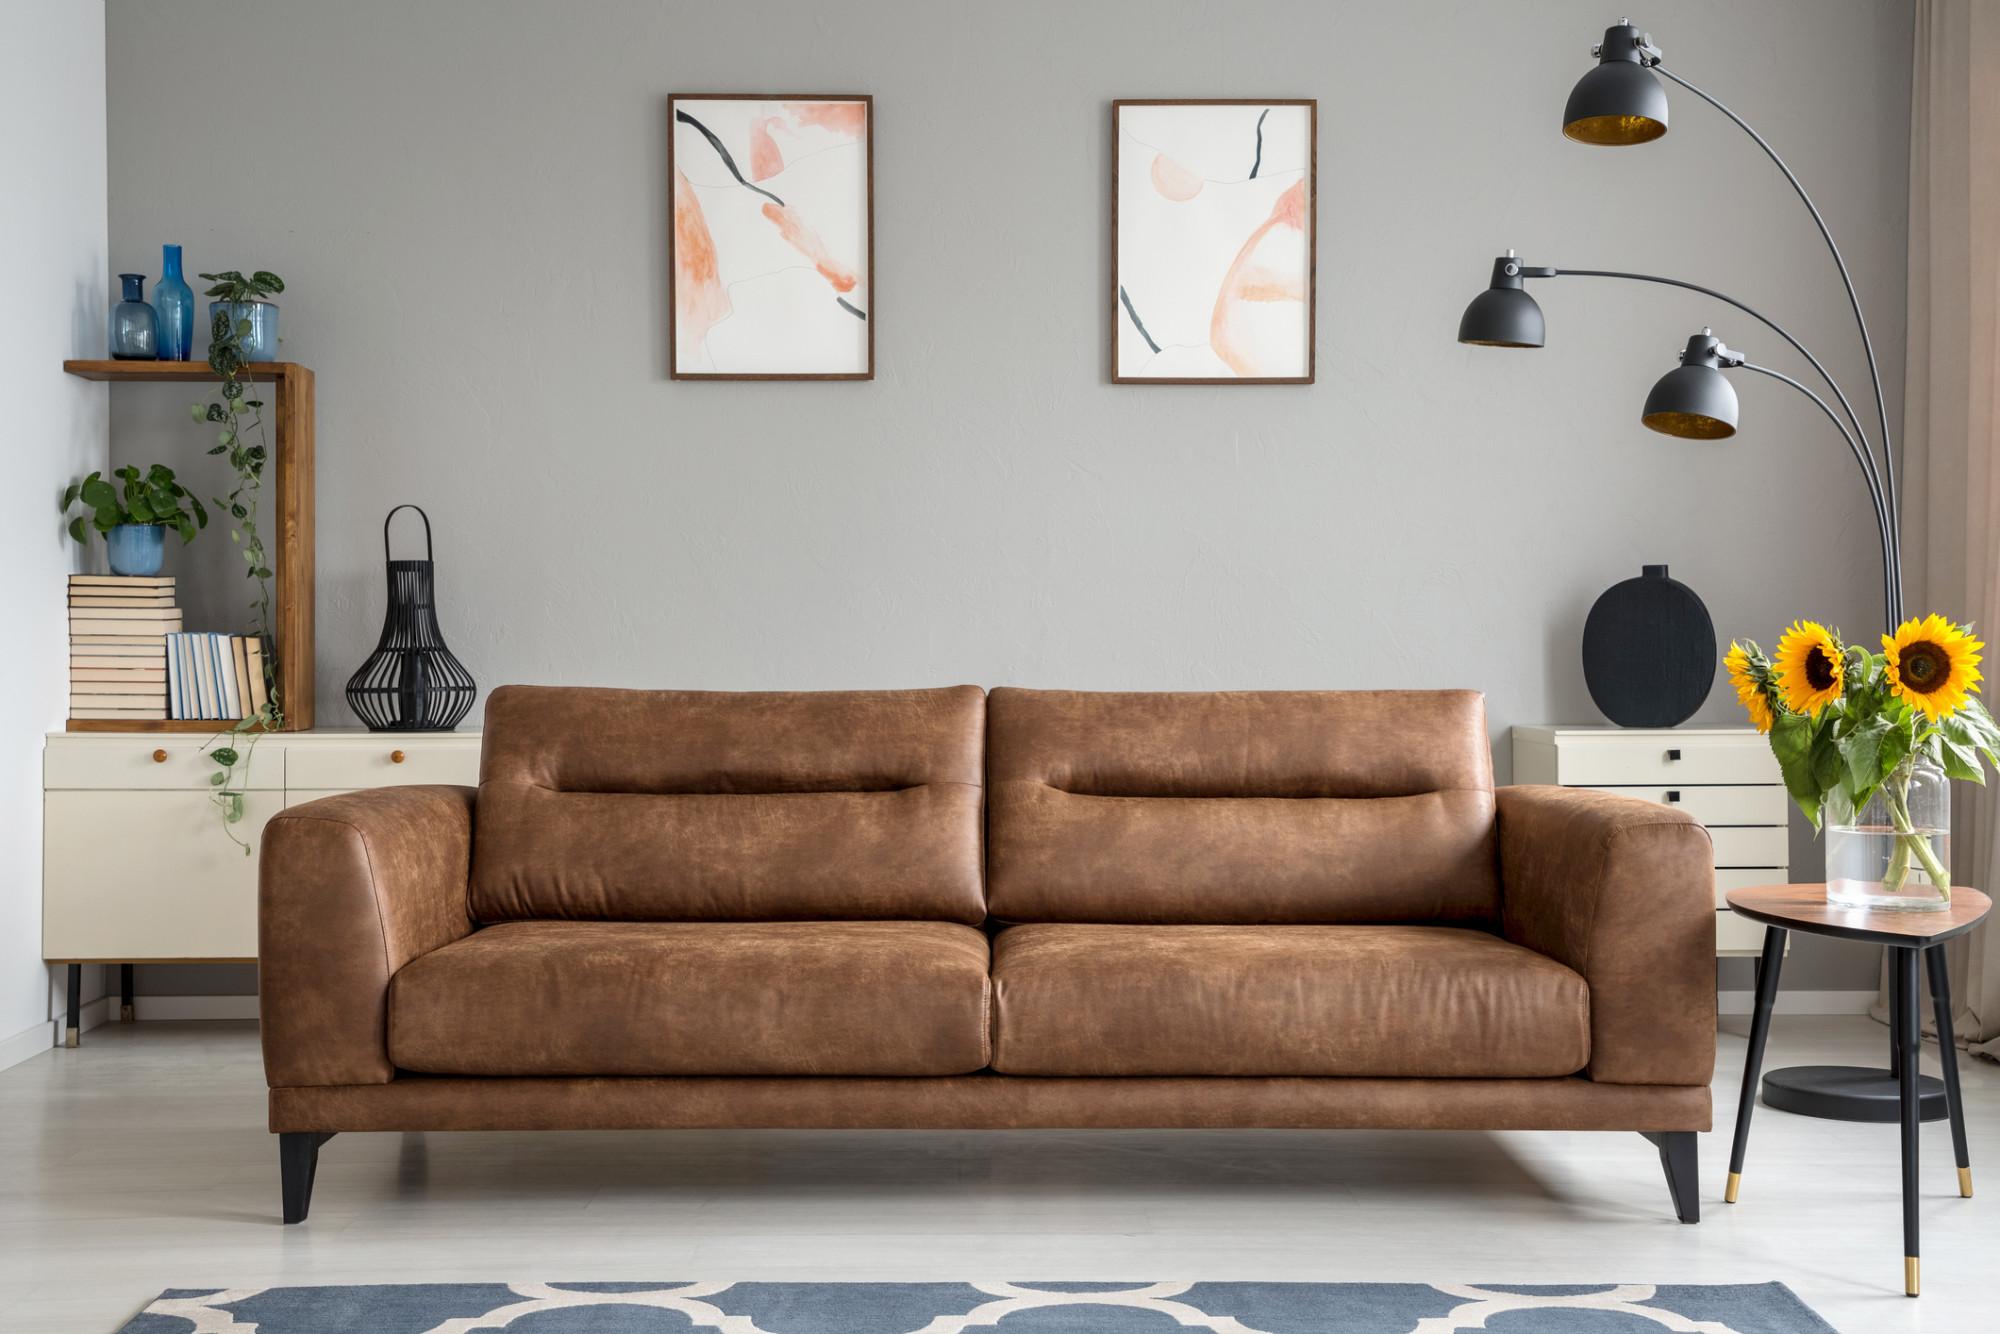 Svetlohnedý dvojmiestny kožený gauč